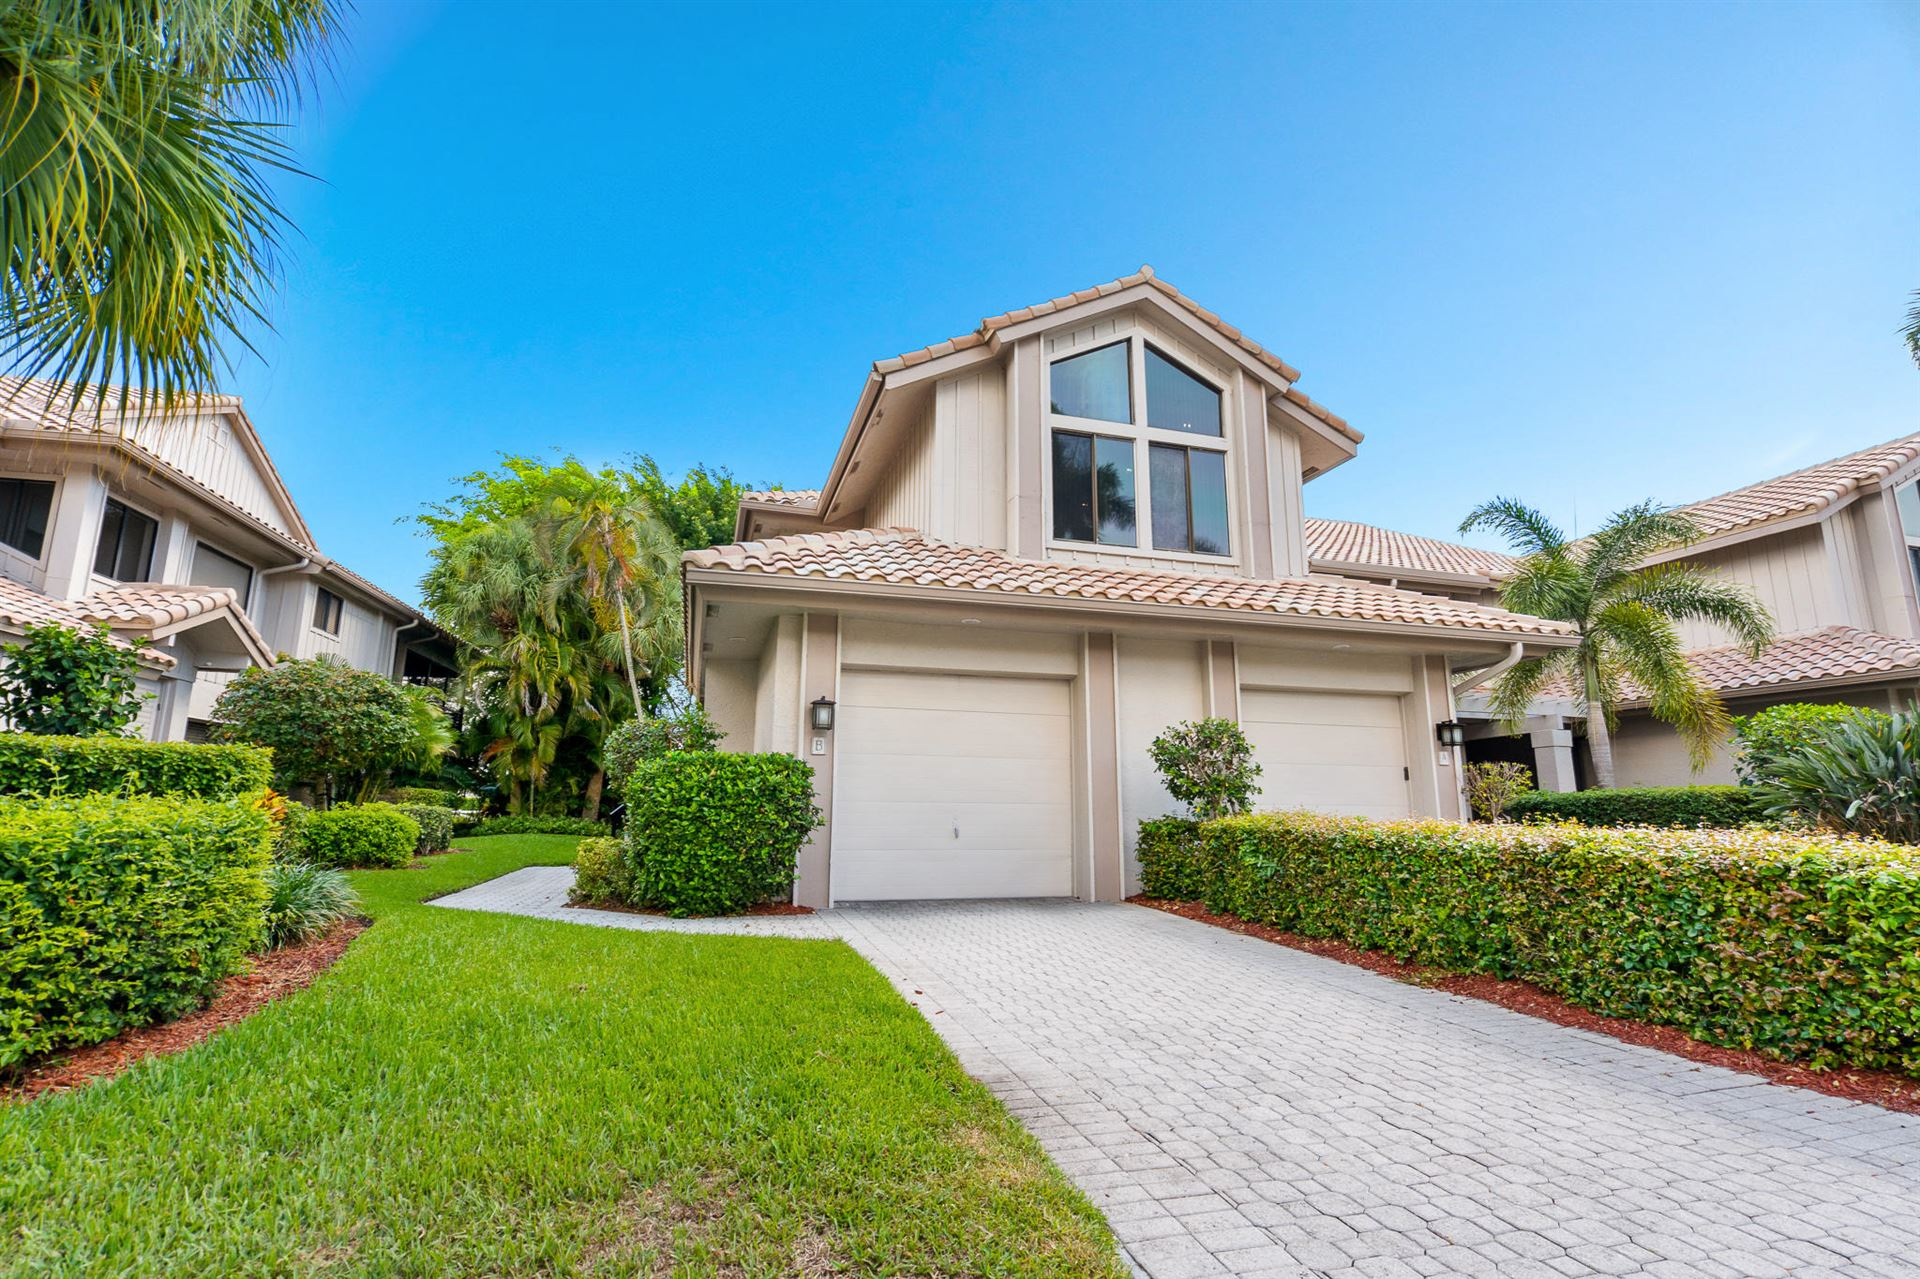 16844 Isle Of Palms B Drive #B, Delray Beach, FL 33484 - MLS#: RX-10714375